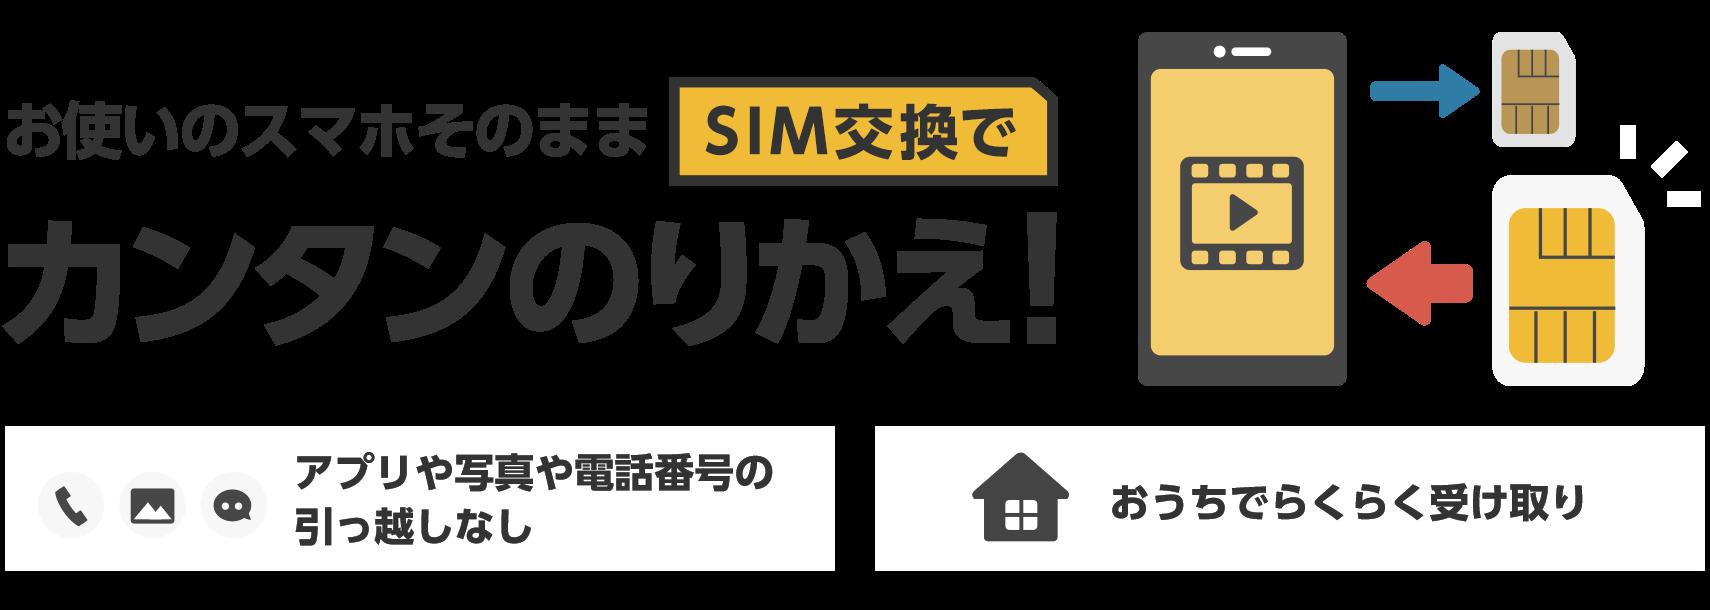 お使いのスマホそのままSIM交換でカンタンのりかえ! アプリや写真や電話番号の引っ越しなし おうちでらくらく受け取り